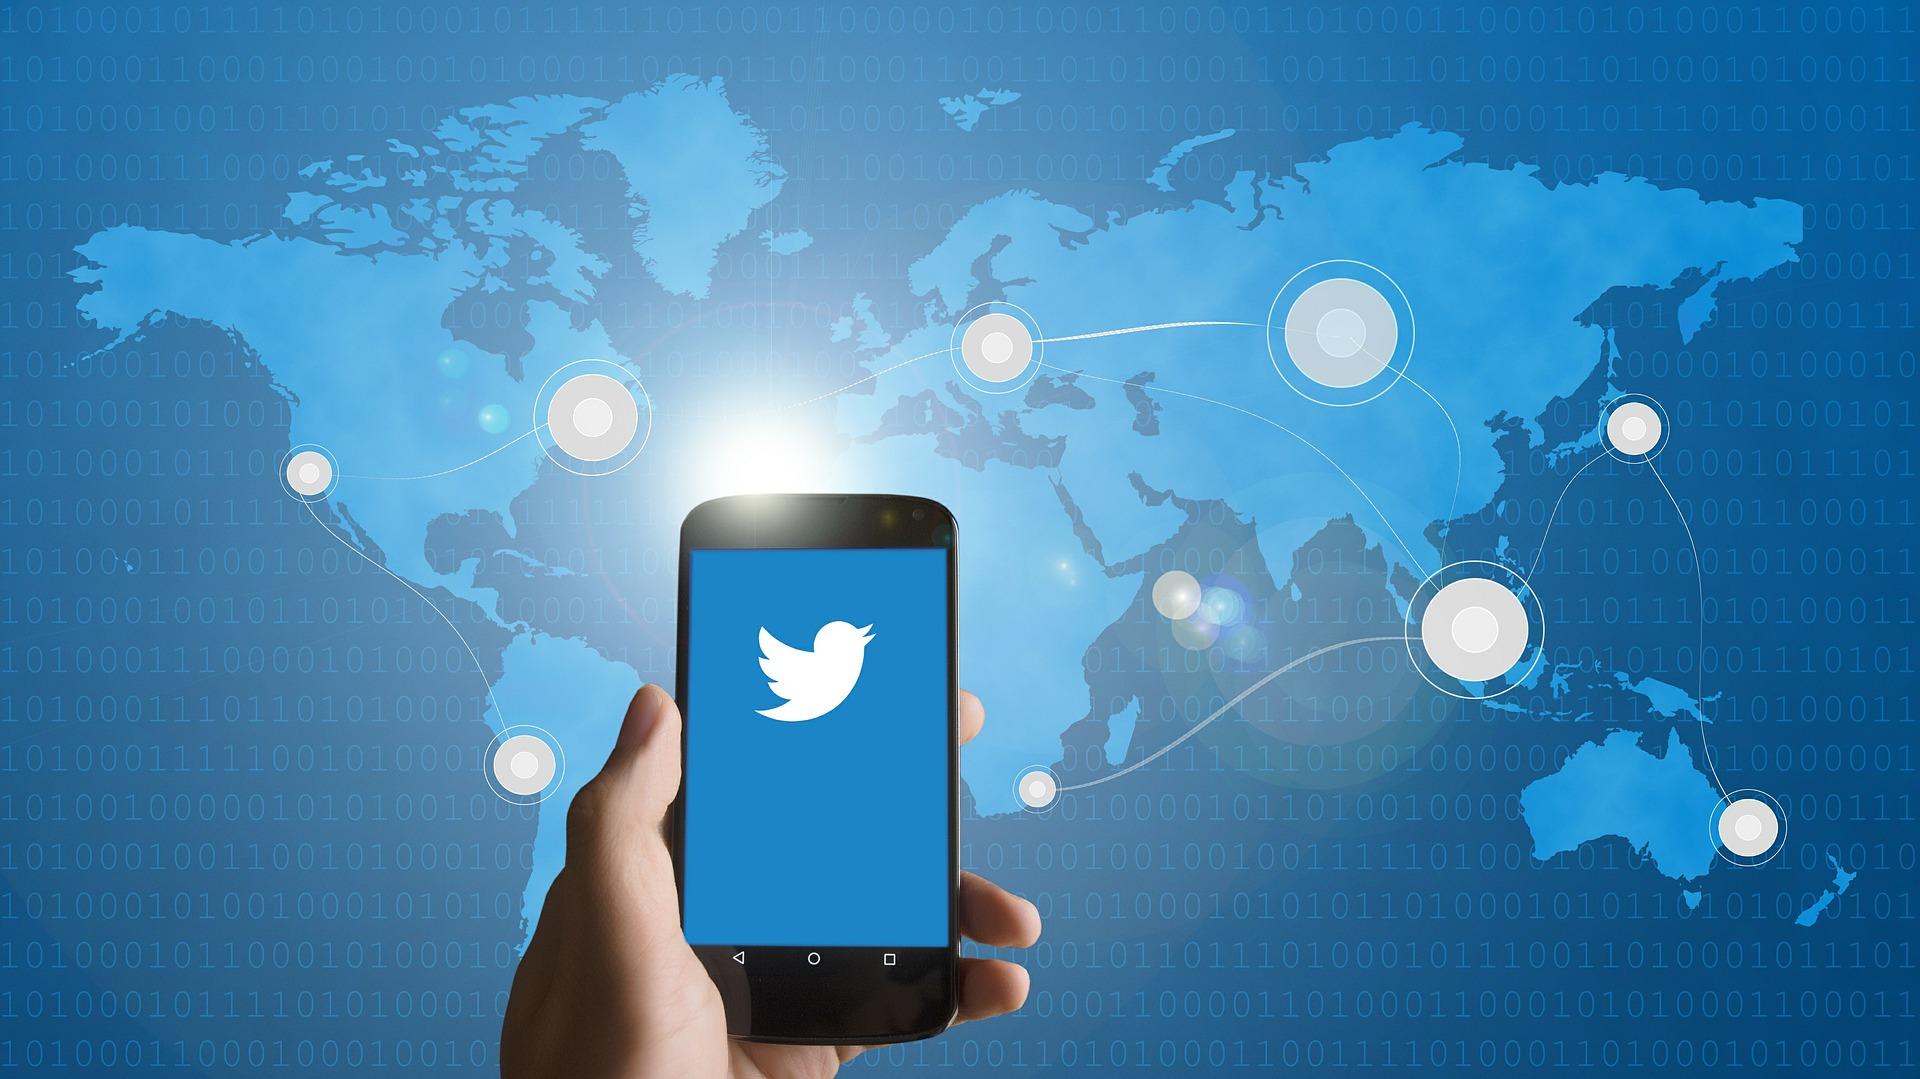 Twitterに動画を投稿する方法は?サイズ・形式に手順や注意点もご紹介!